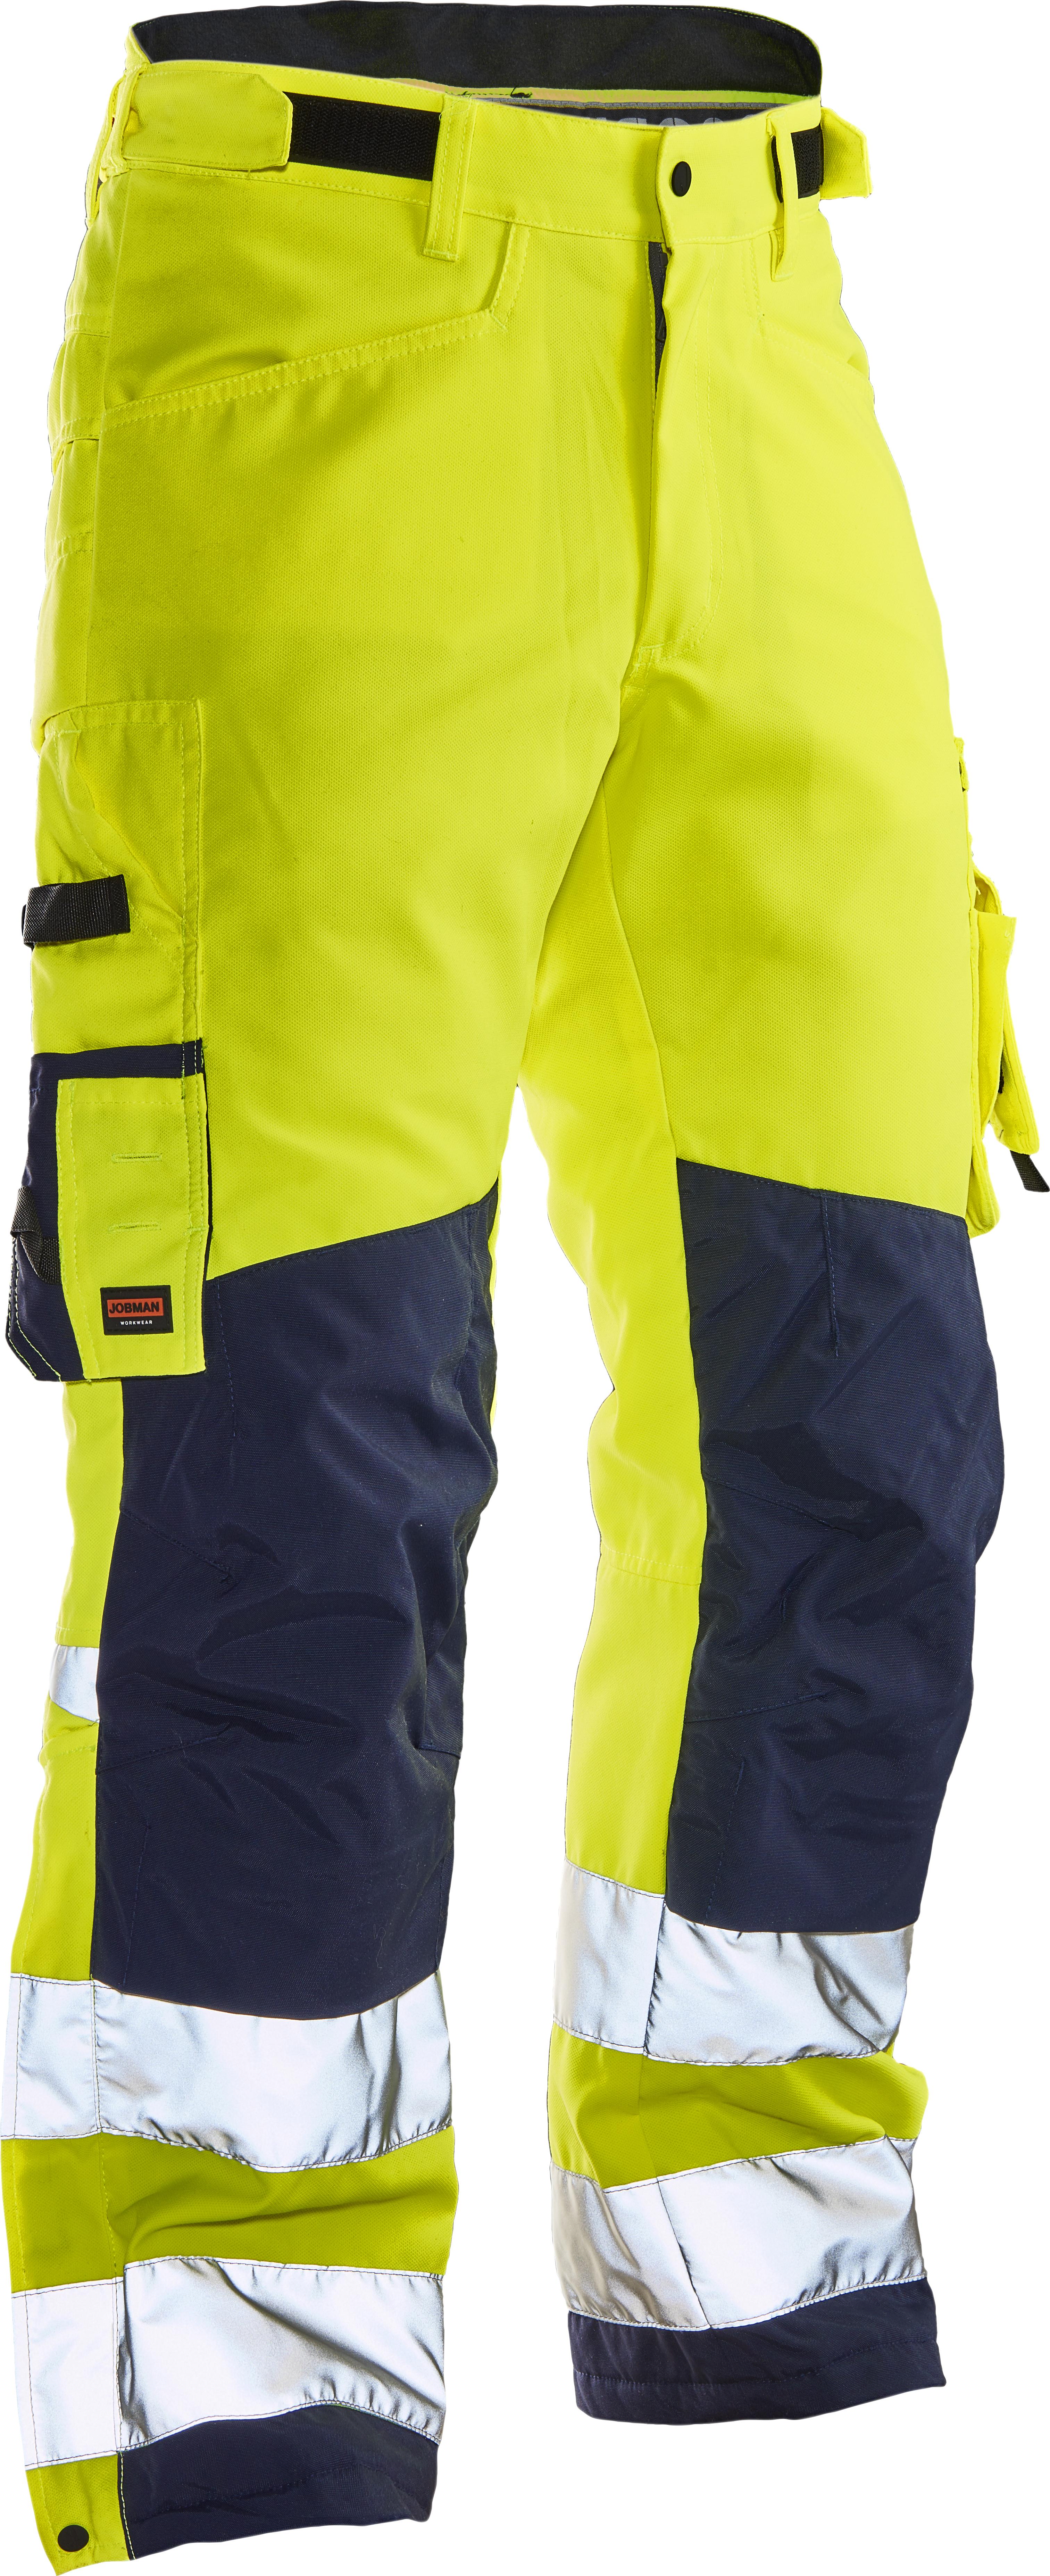 2236 Pantalon d'hiver Star Hi-Vis C146 jaune/bleu marine